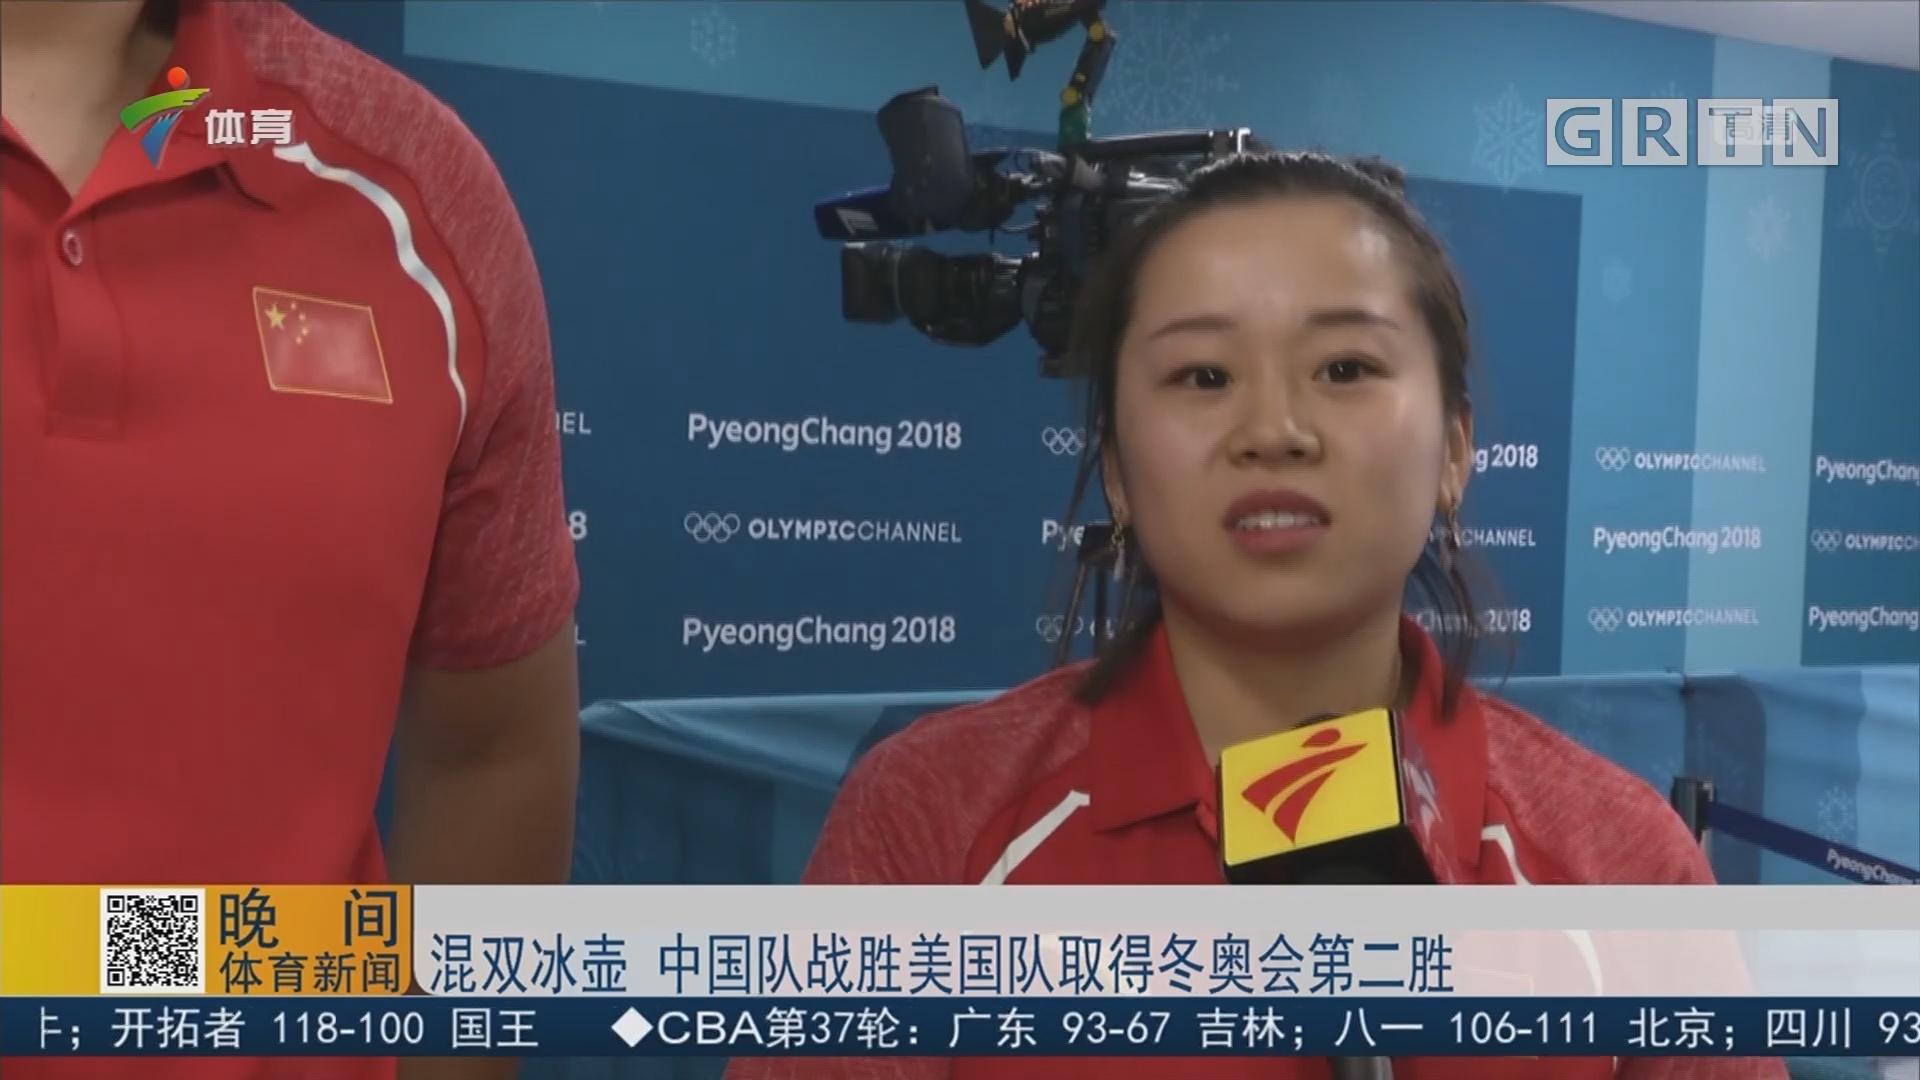 混双冰壶 中国队战胜美国队取得冬奥会第二胜